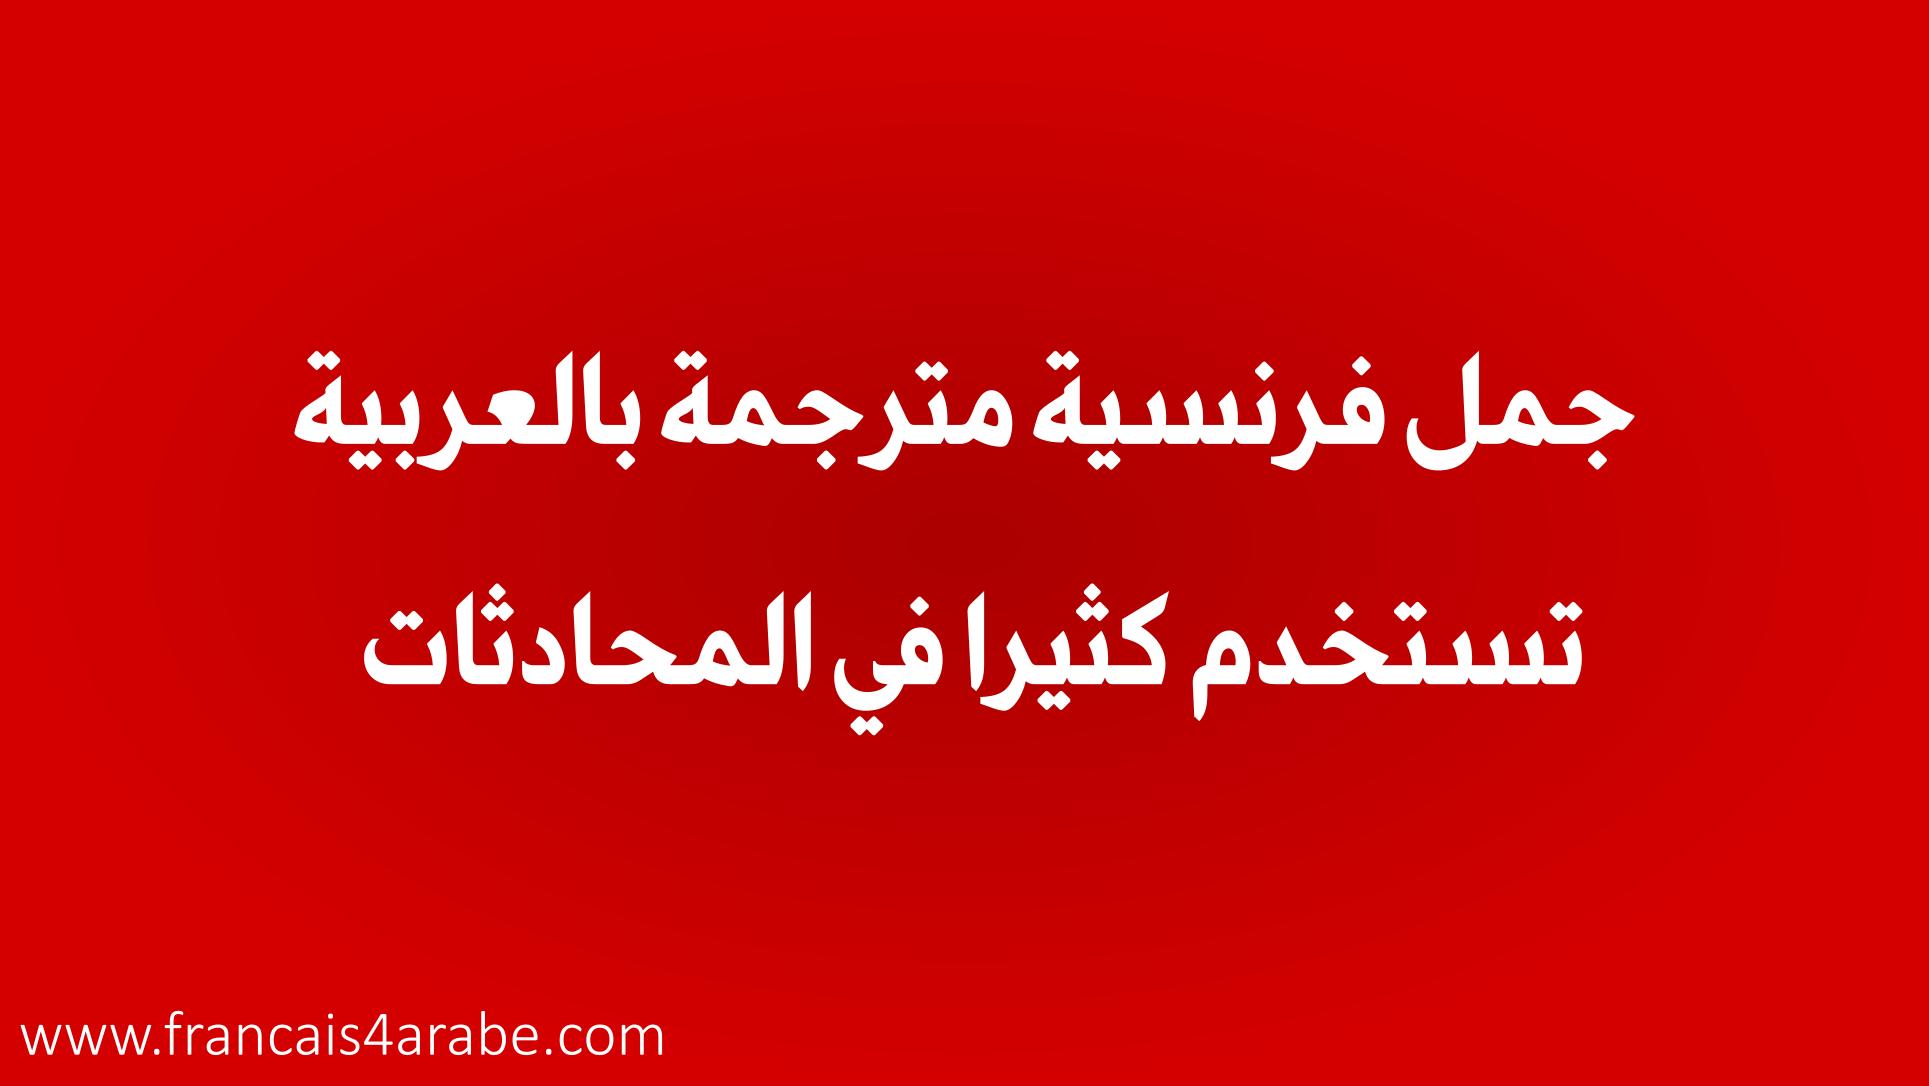 100 جملة بالفرنسية مترجمة باللغة العربية – جمل شائعة ومفيدة جدا